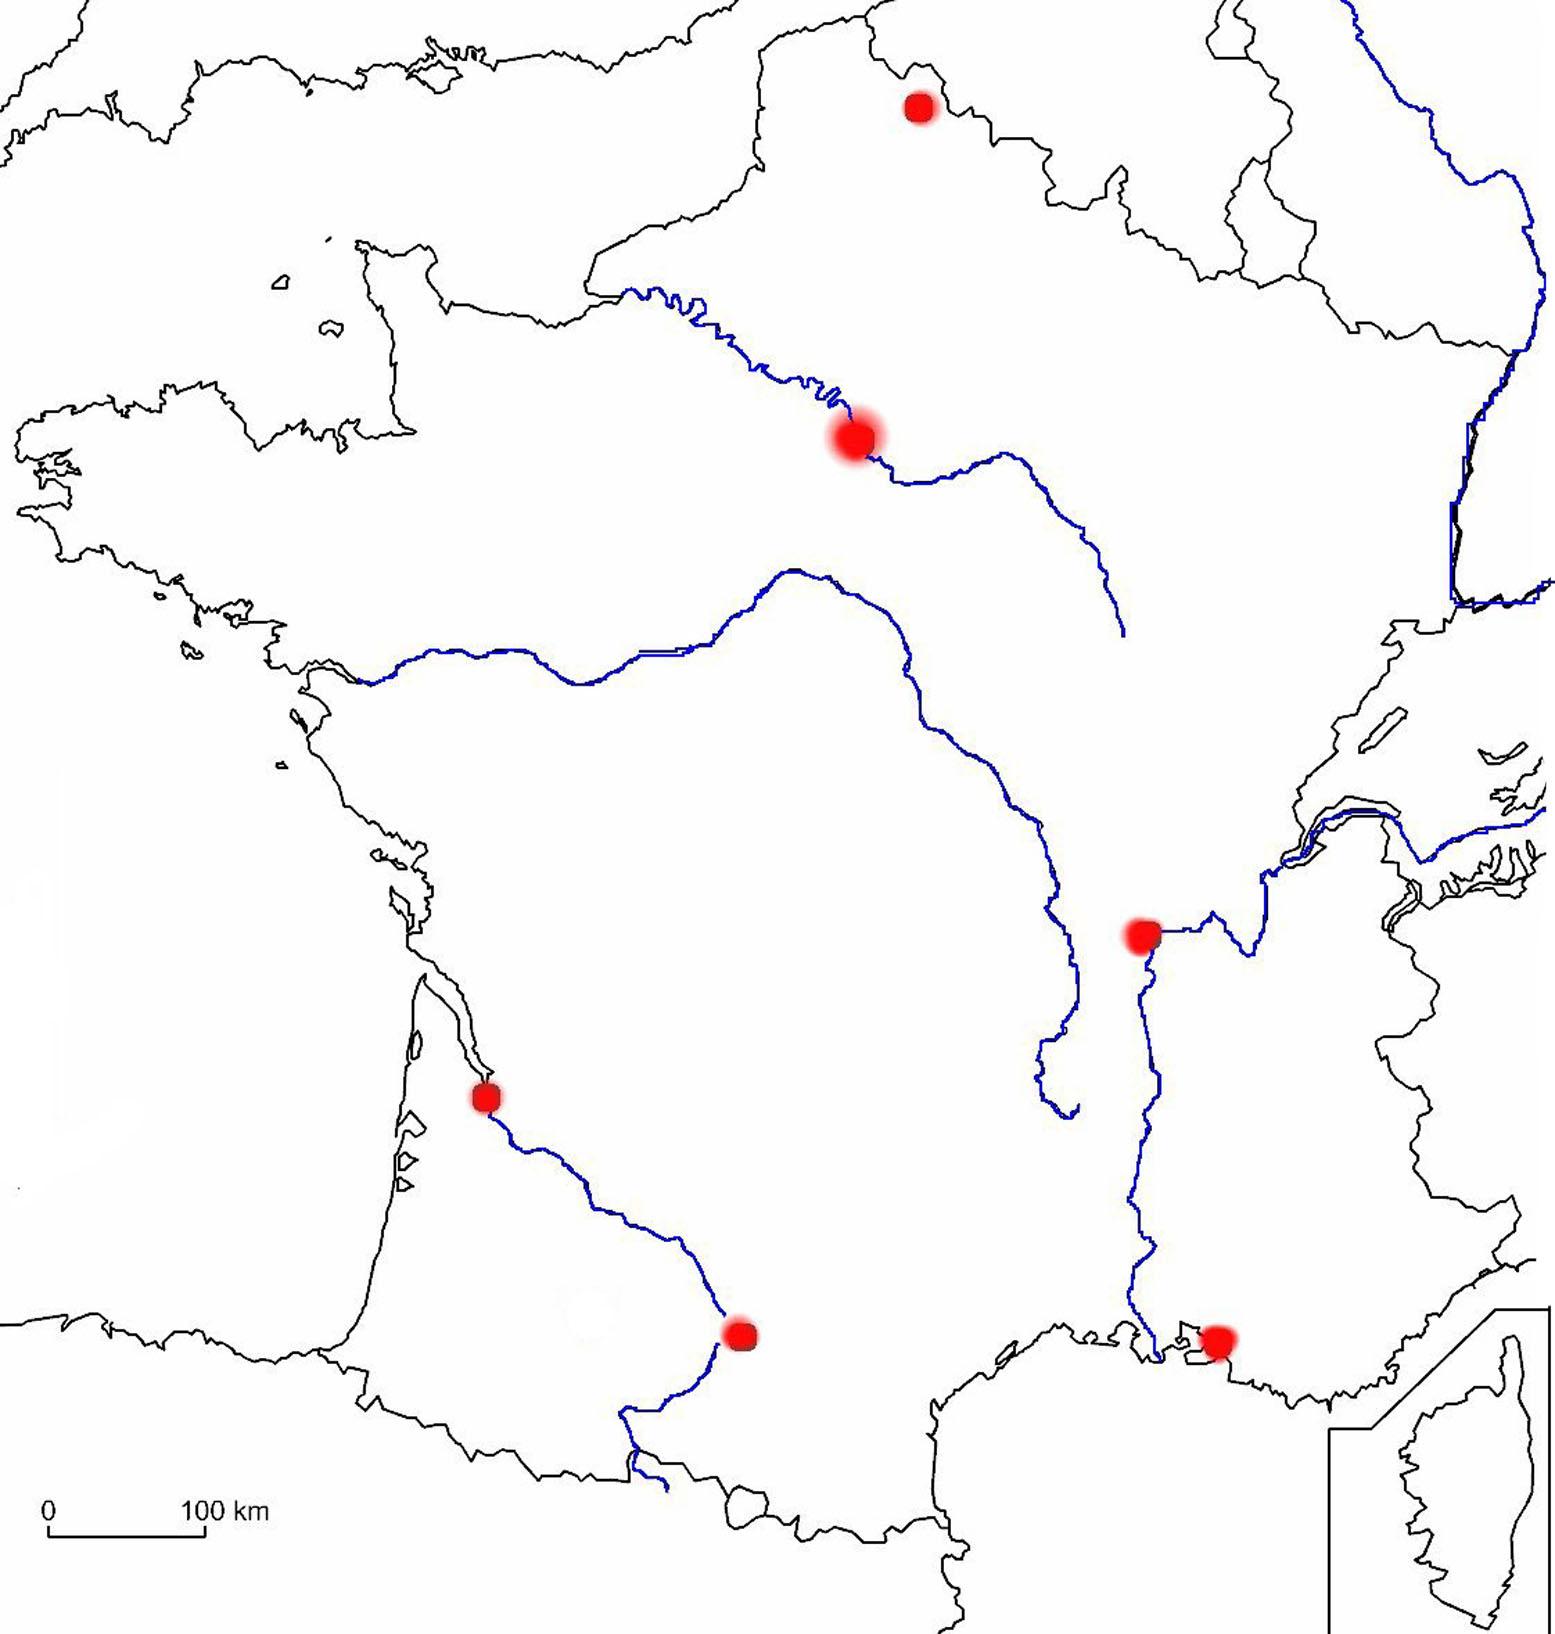 Carte Des Fleuves De France Ce2 | My Blog encequiconcerne Fleuves Ce2